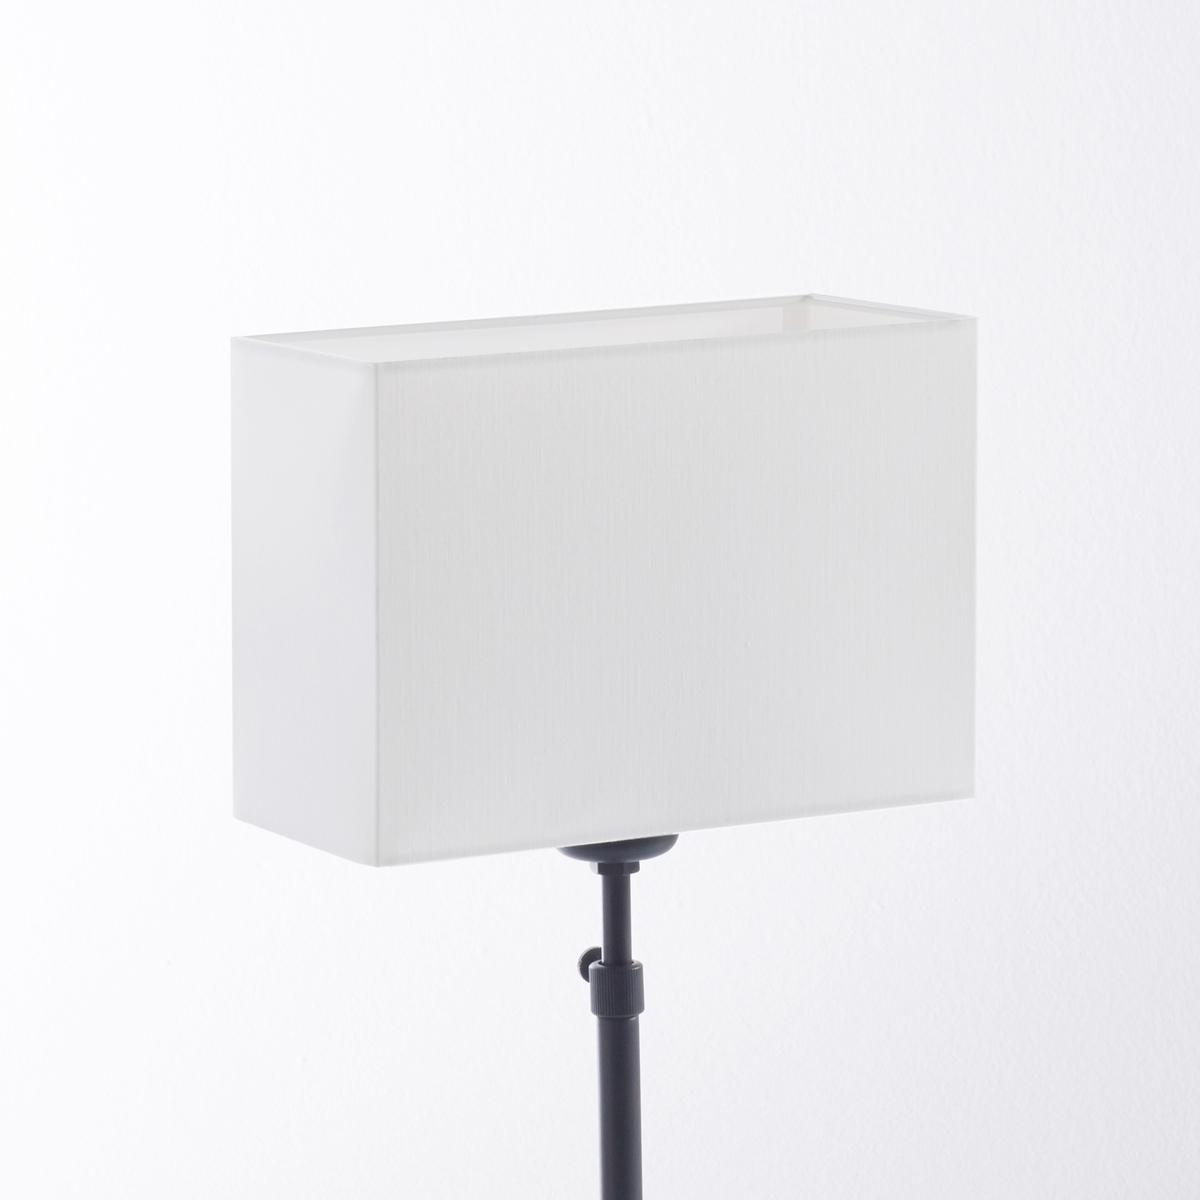 Абажур прямоугольной формыОписание абажура :Прямоугольная форма.. Для патрона E27, лампочка макс. 40В (не входит в комплект). Характеристики абажура:100% хлопок.    Размеры абажура:- Размер 1 : 11,5 x 20 см .<br><br>Цвет: белый,серо-коричневый,серый,экрю<br>Размер: единый размер